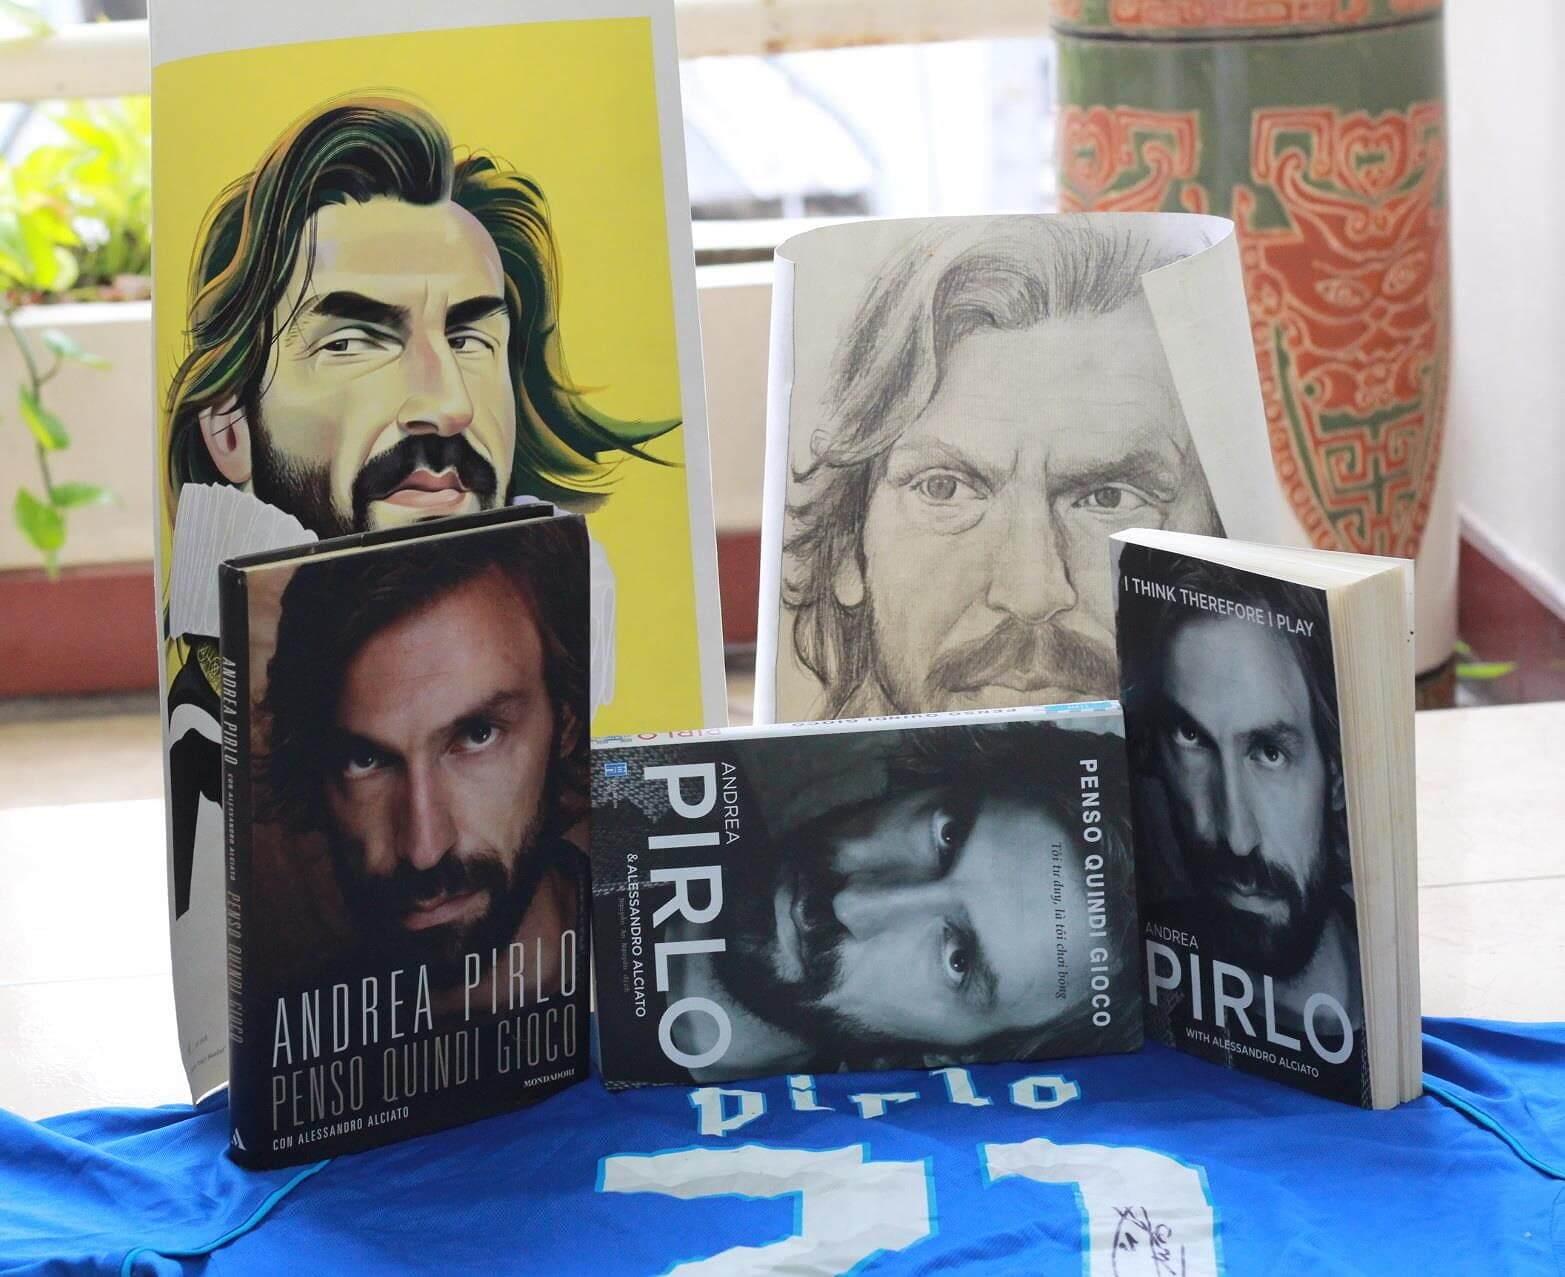 Tự Truyện Adrea Pirlo - Tôi Tư Duy Là Tôi Chơi Bóng